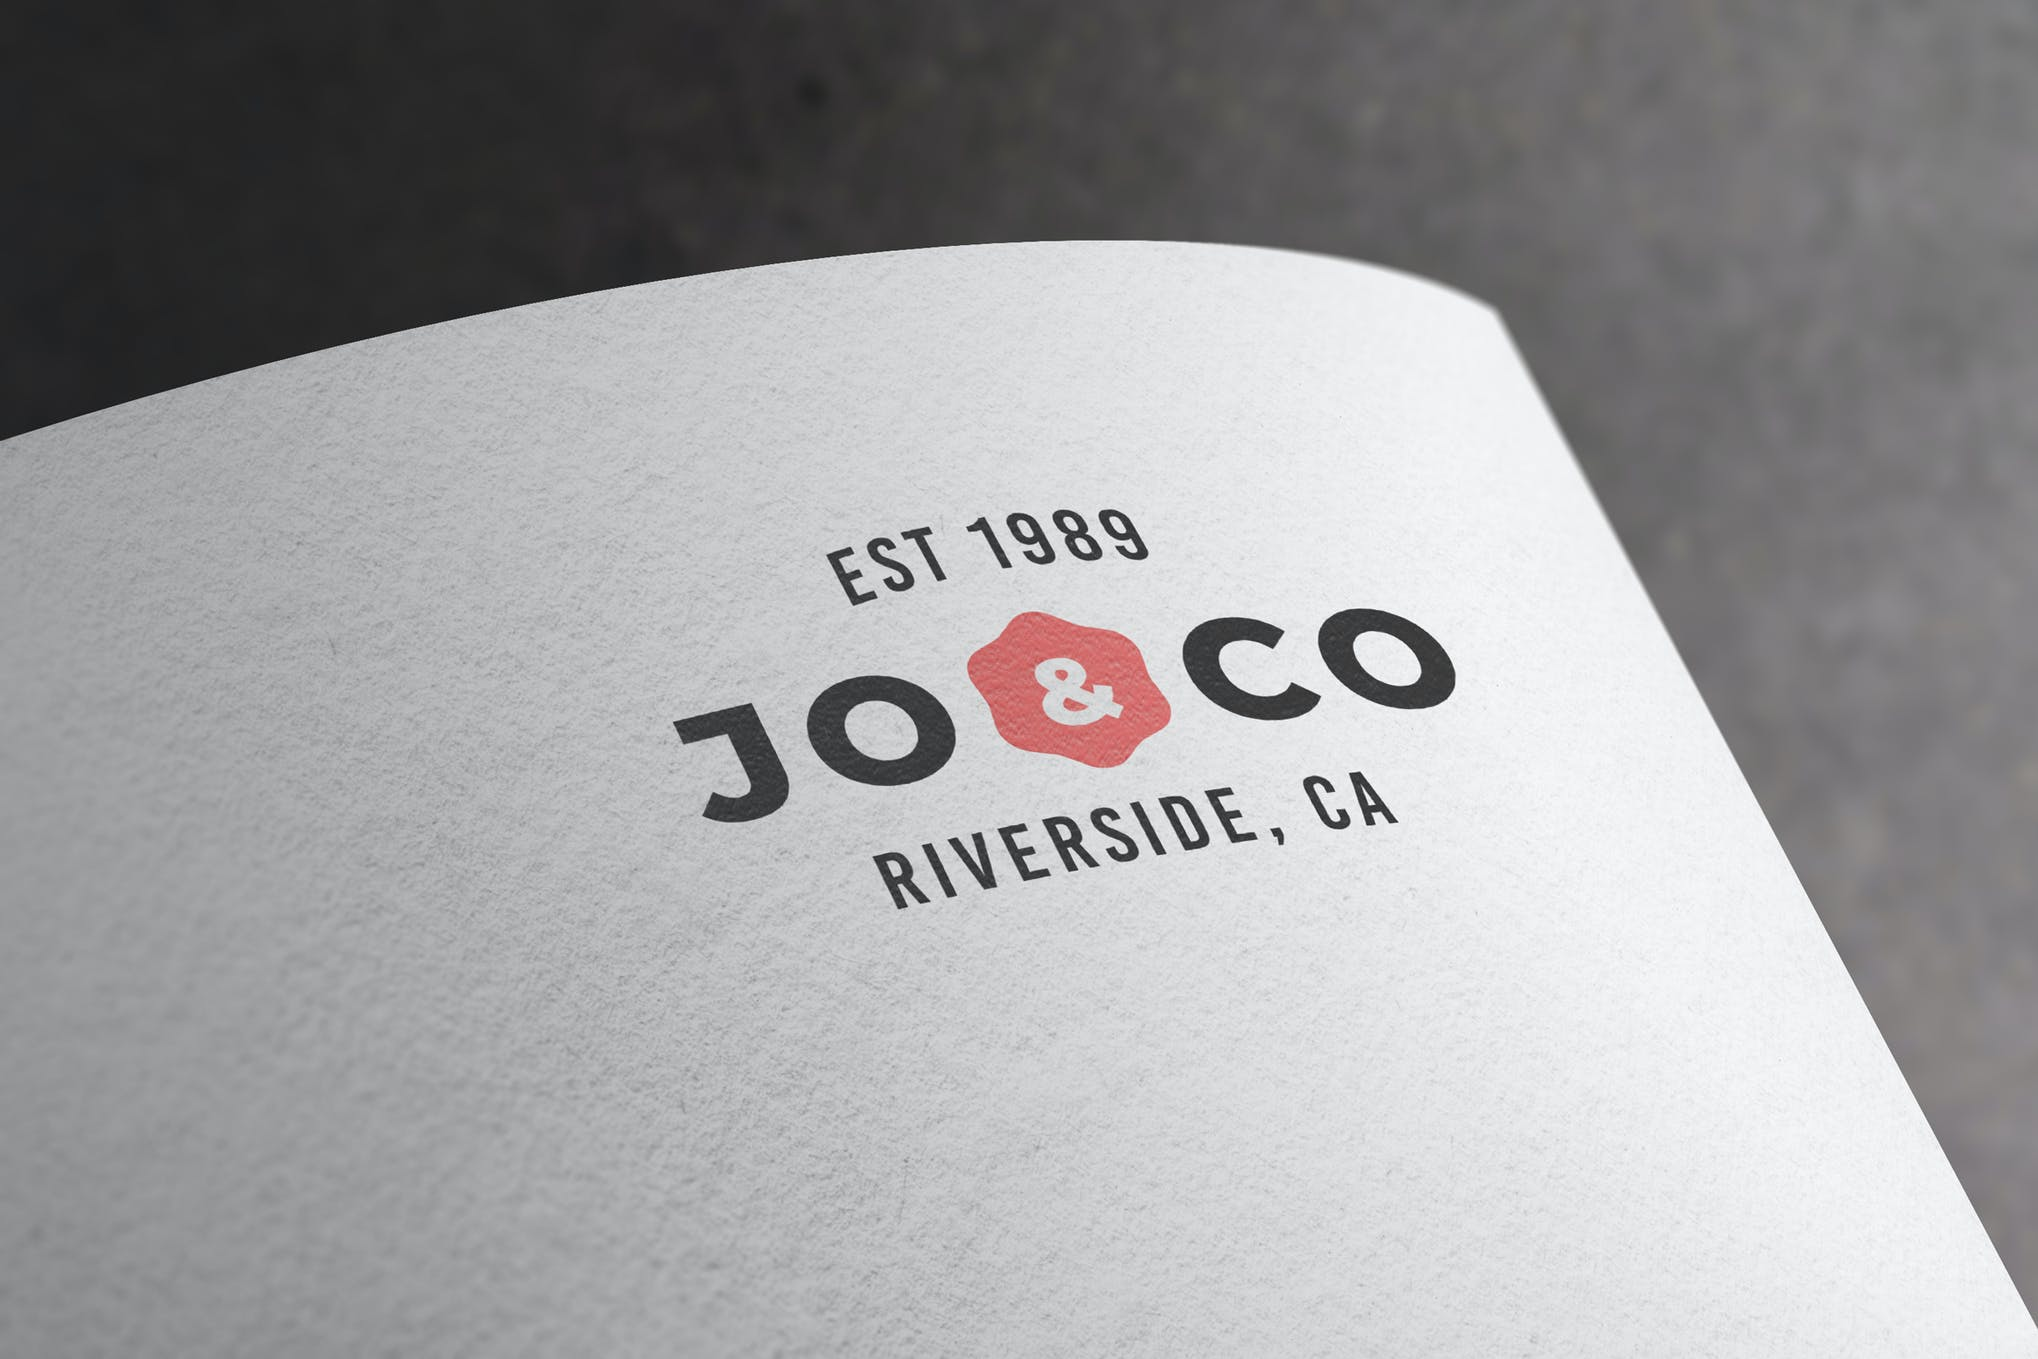 纸质印刷徽标样机展示模板下载